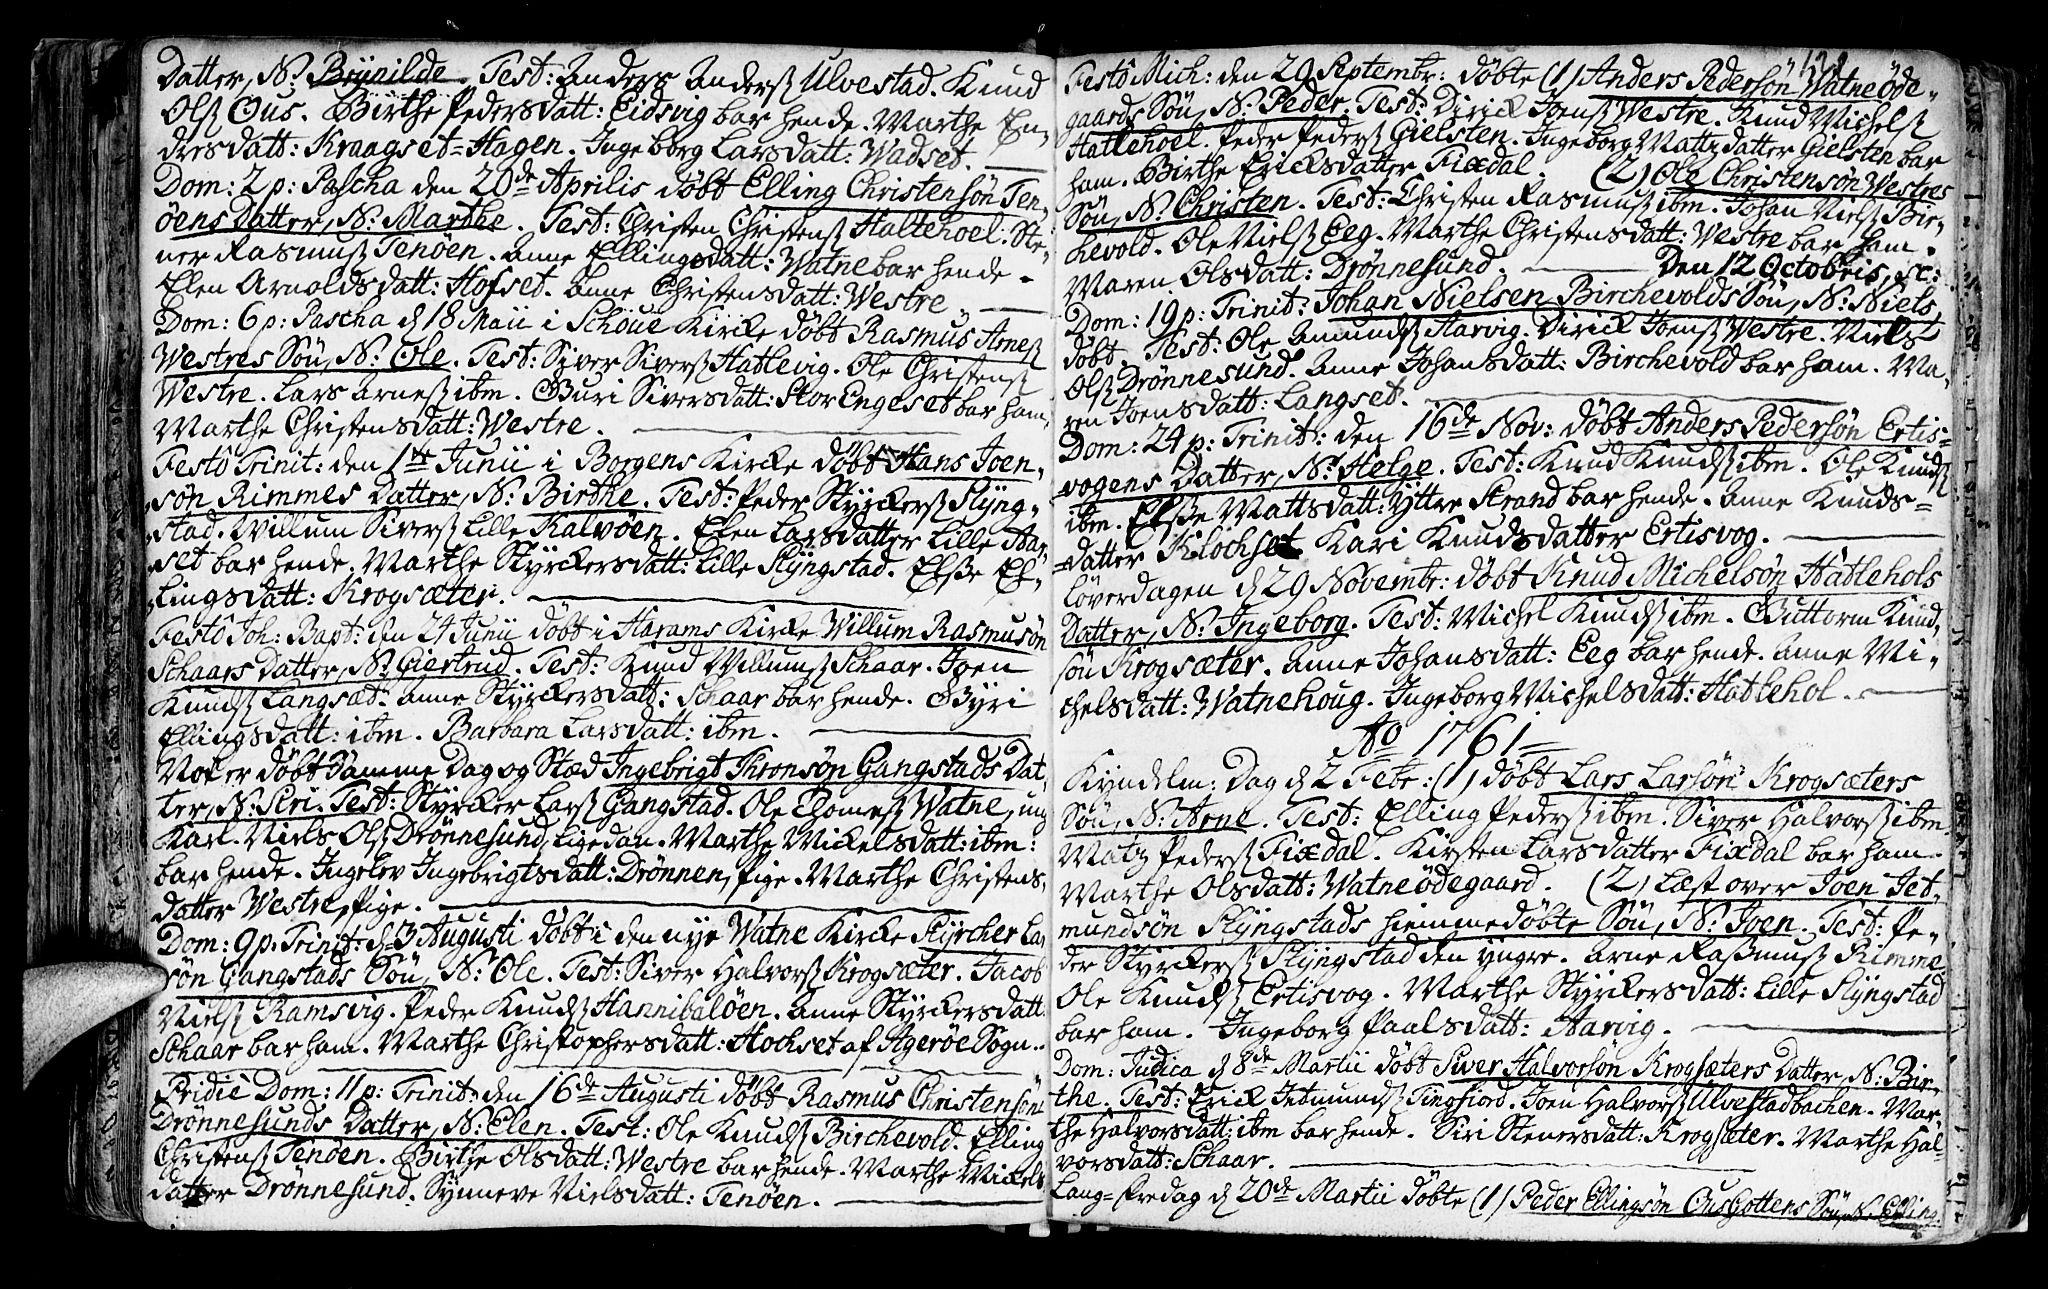 SAT, Ministerialprotokoller, klokkerbøker og fødselsregistre - Møre og Romsdal, 525/L0371: Ministerialbok nr. 525A01, 1699-1777, s. 121